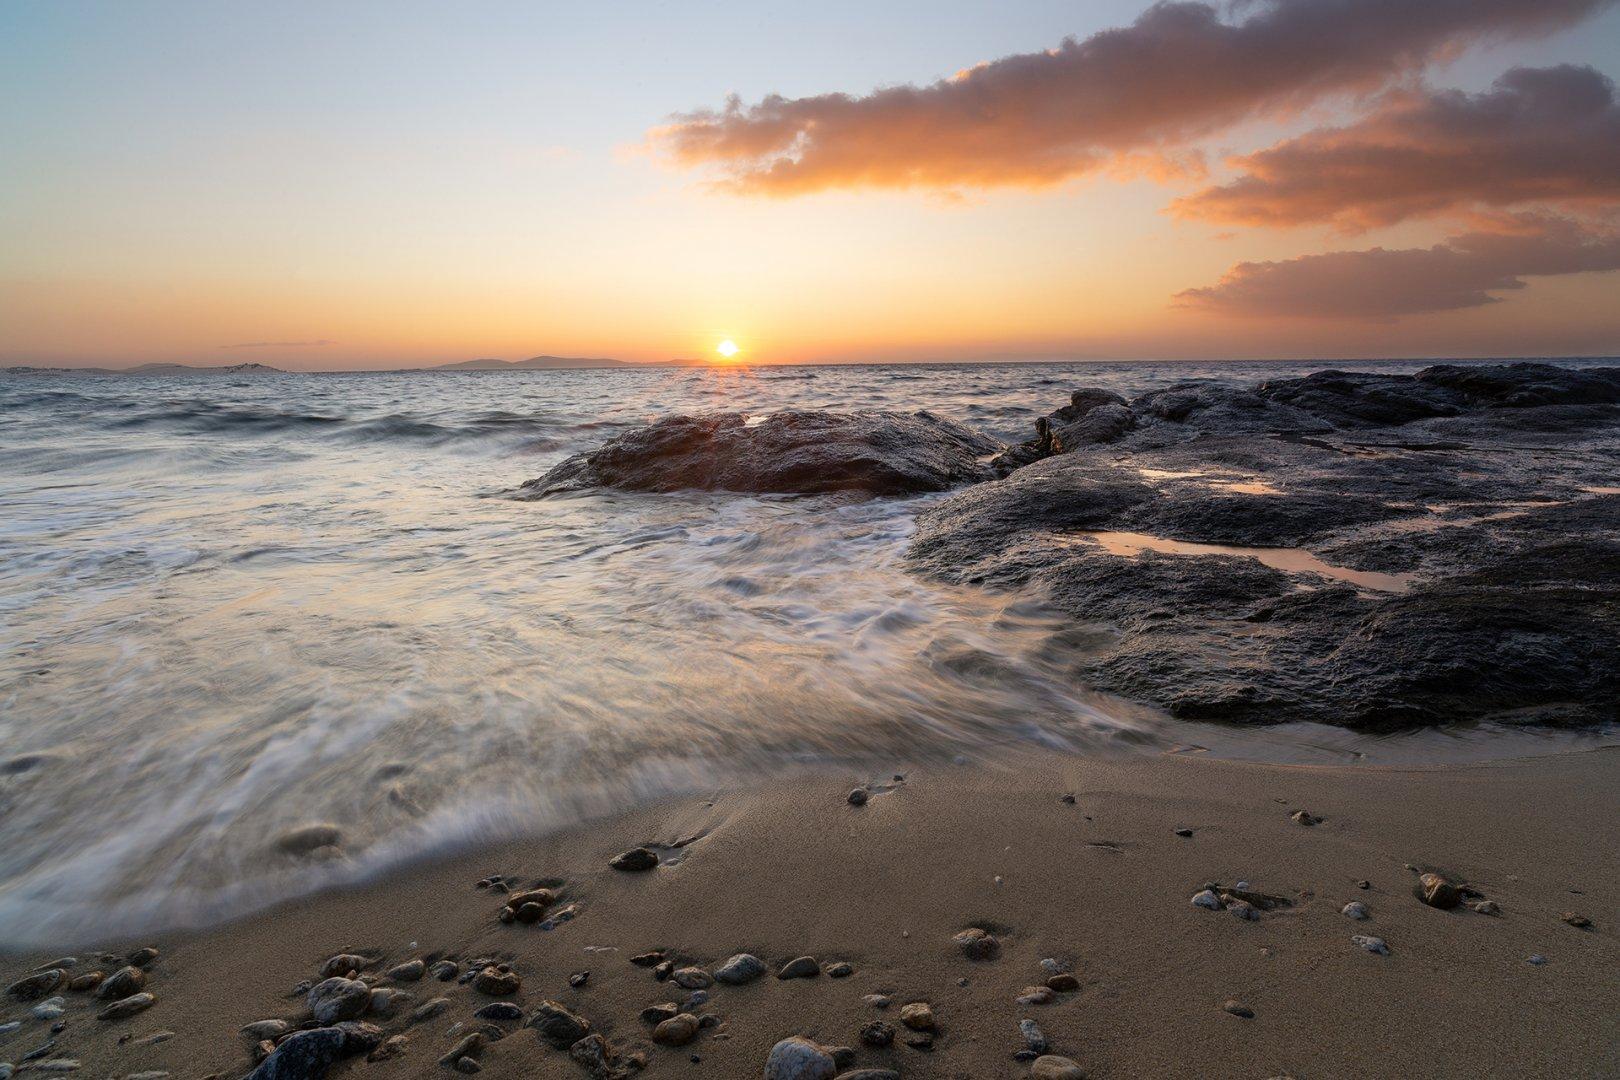 HDR Fotoğraf Örneği Manzarası Gün Batımı.jpg